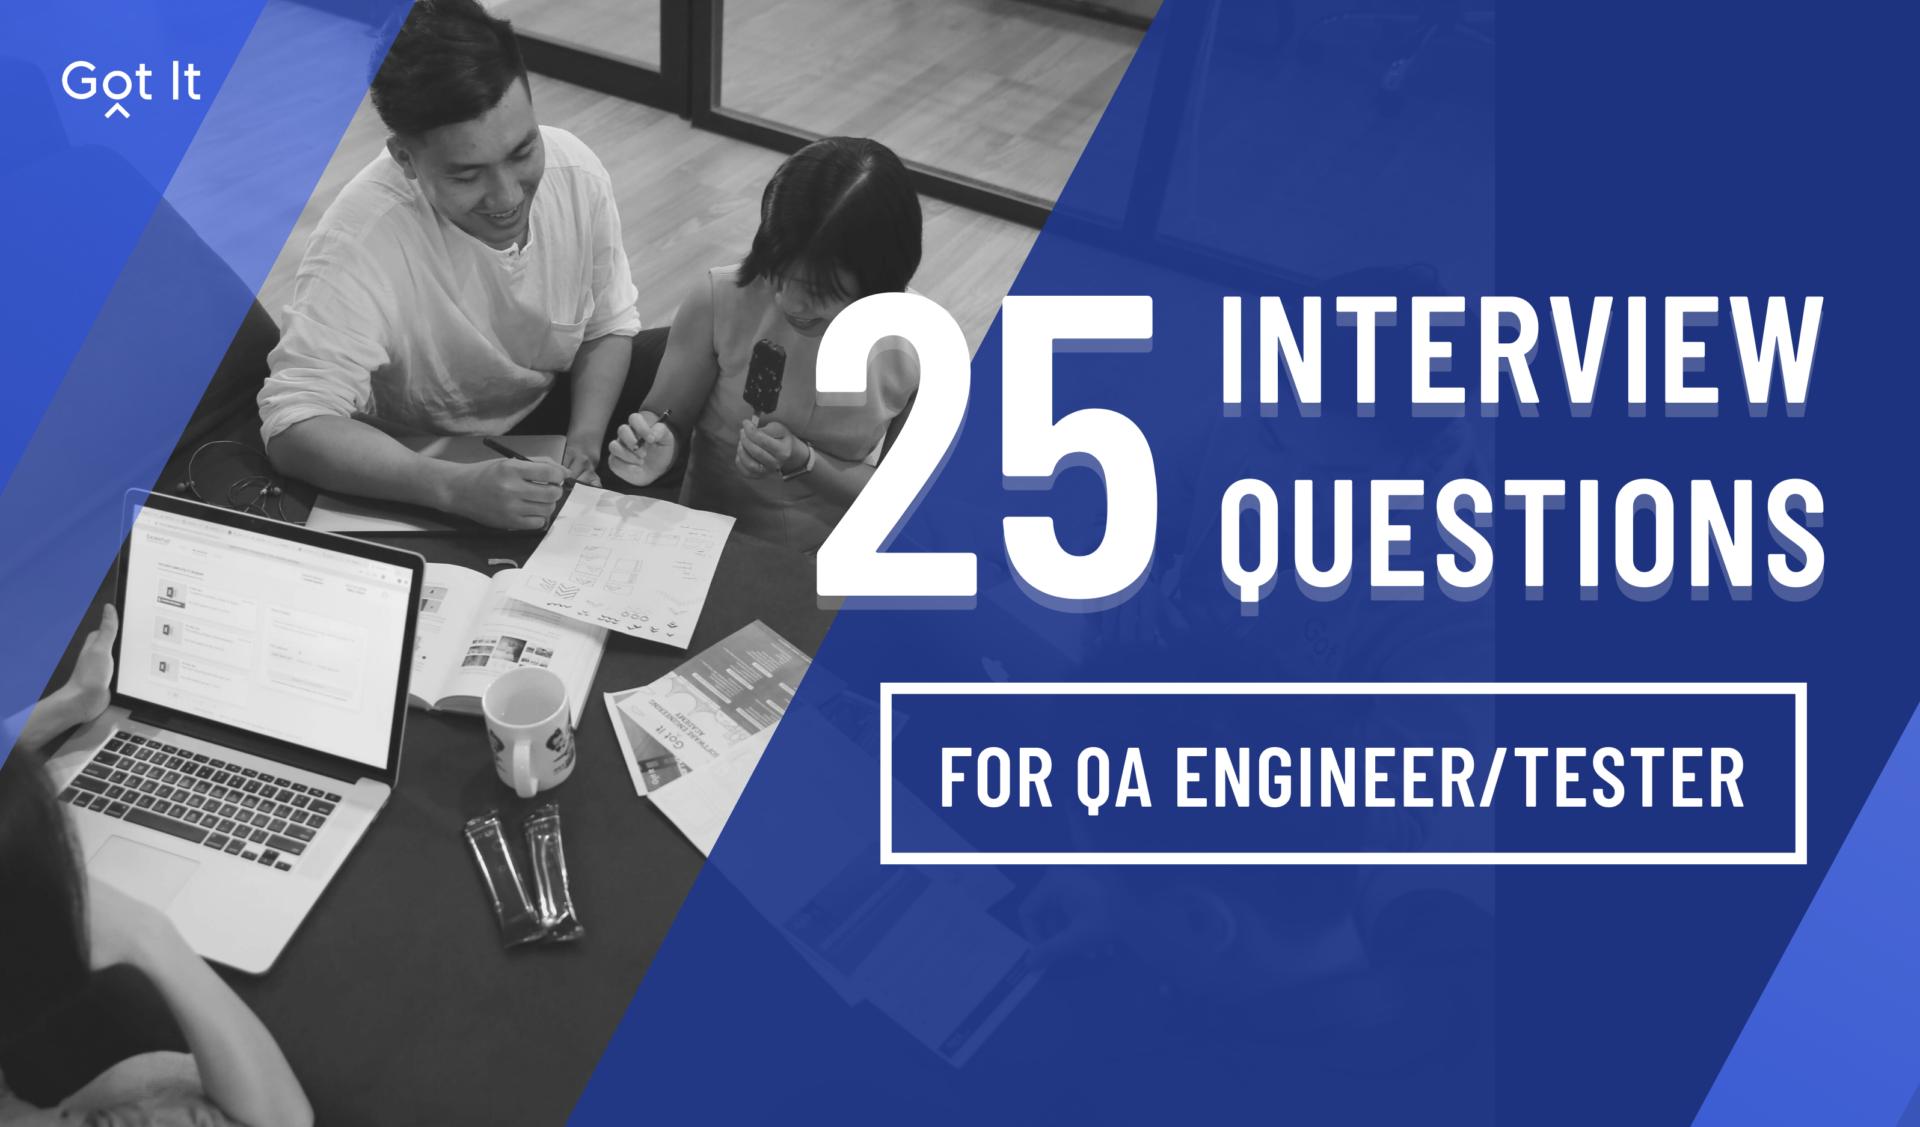 Got It Recruitment — Những câu hỏi thường gặp khi phỏng vấn Test Engineer